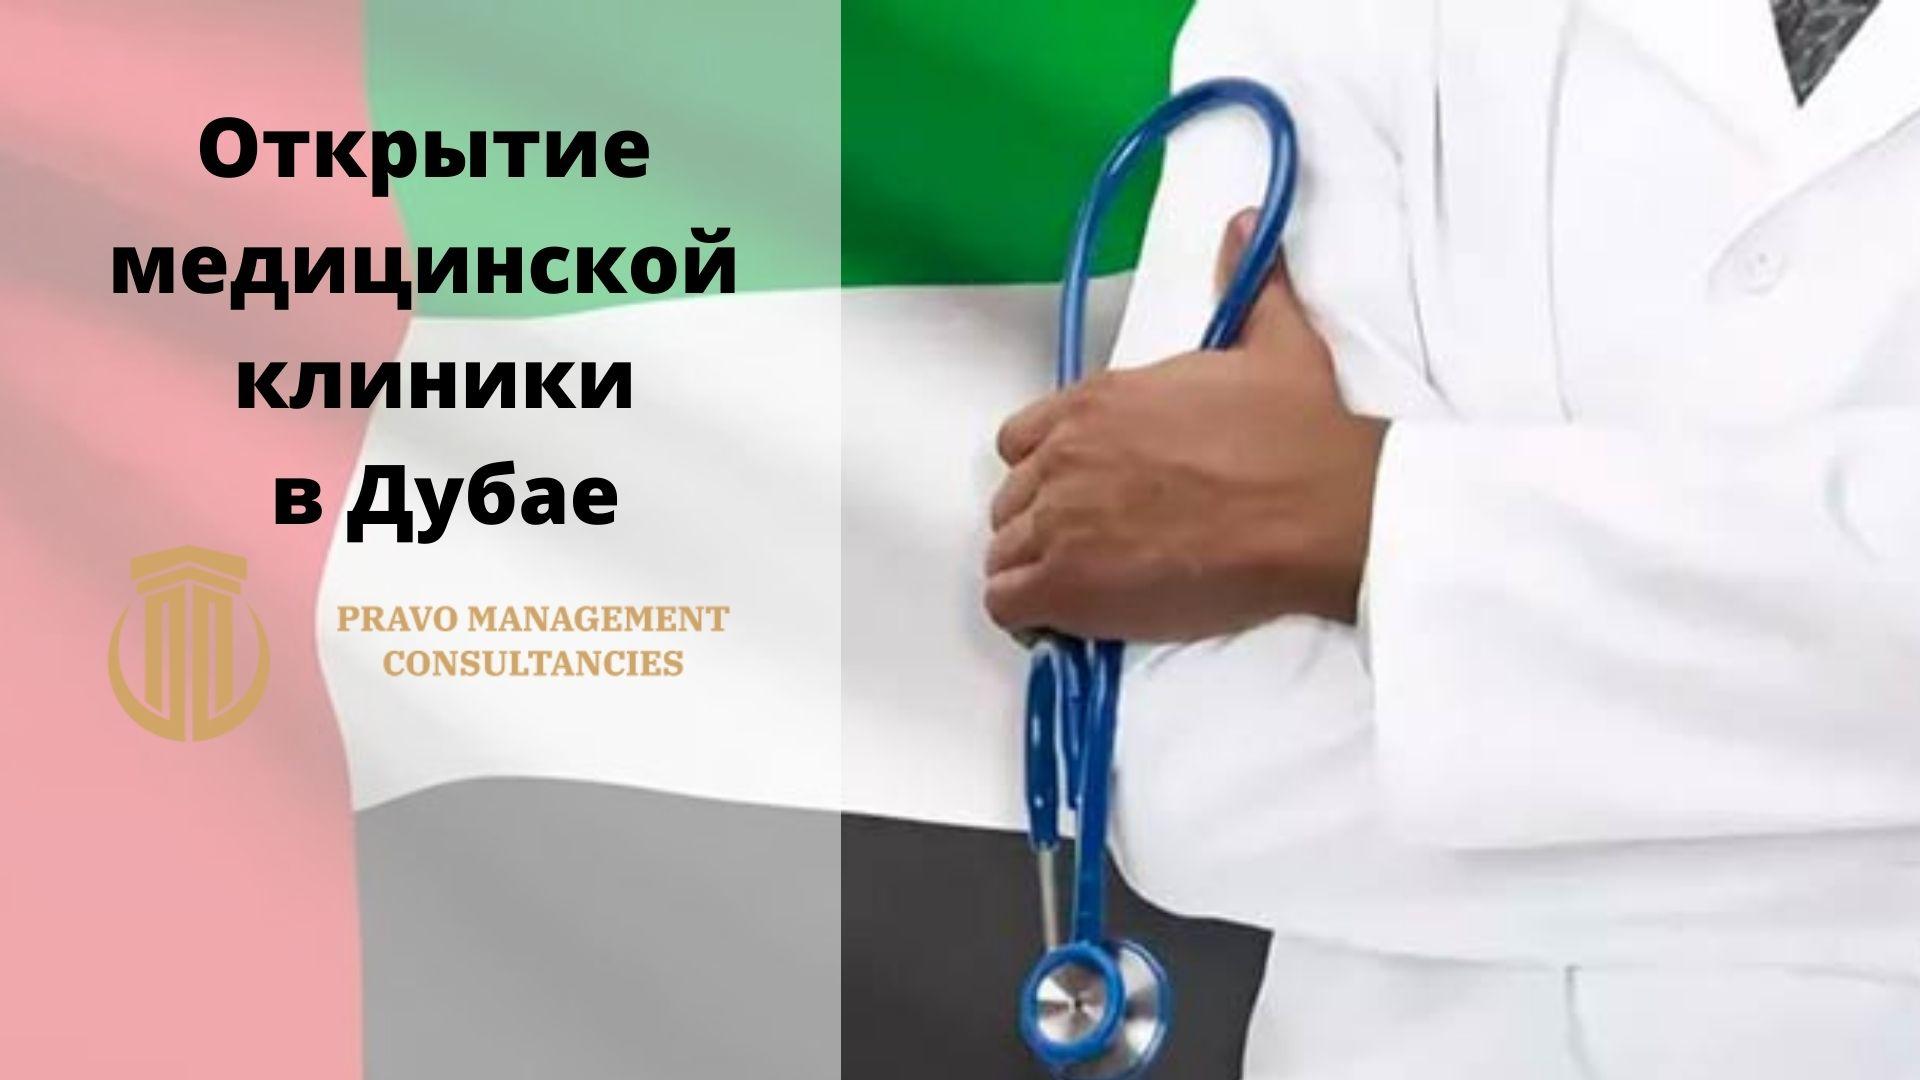 Открытие медицинской клиники в Дубае